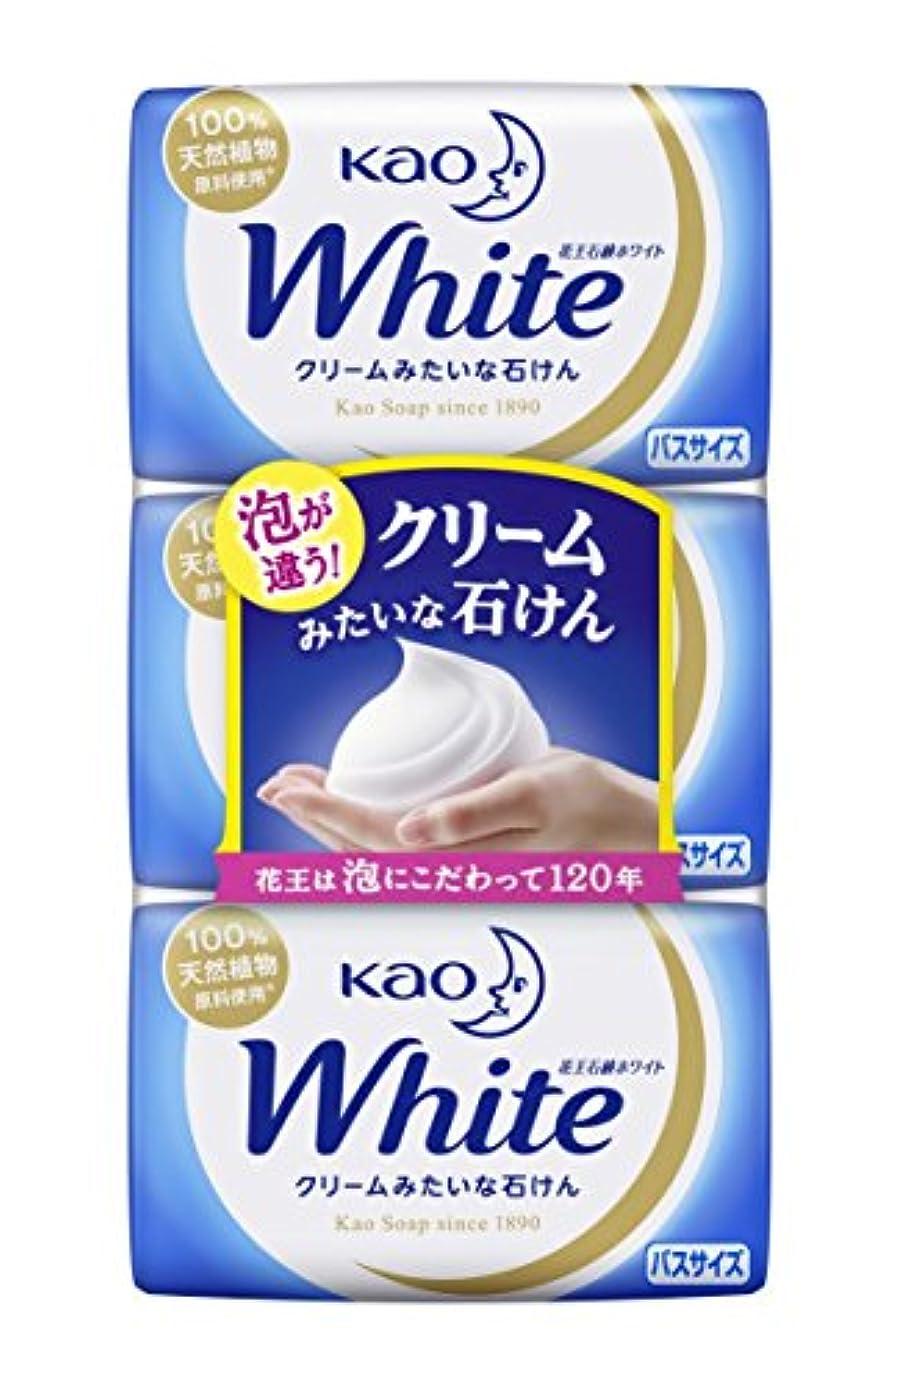 ベルトぺディカブ悲鳴花王ホワイト バスサイズ 3コパック